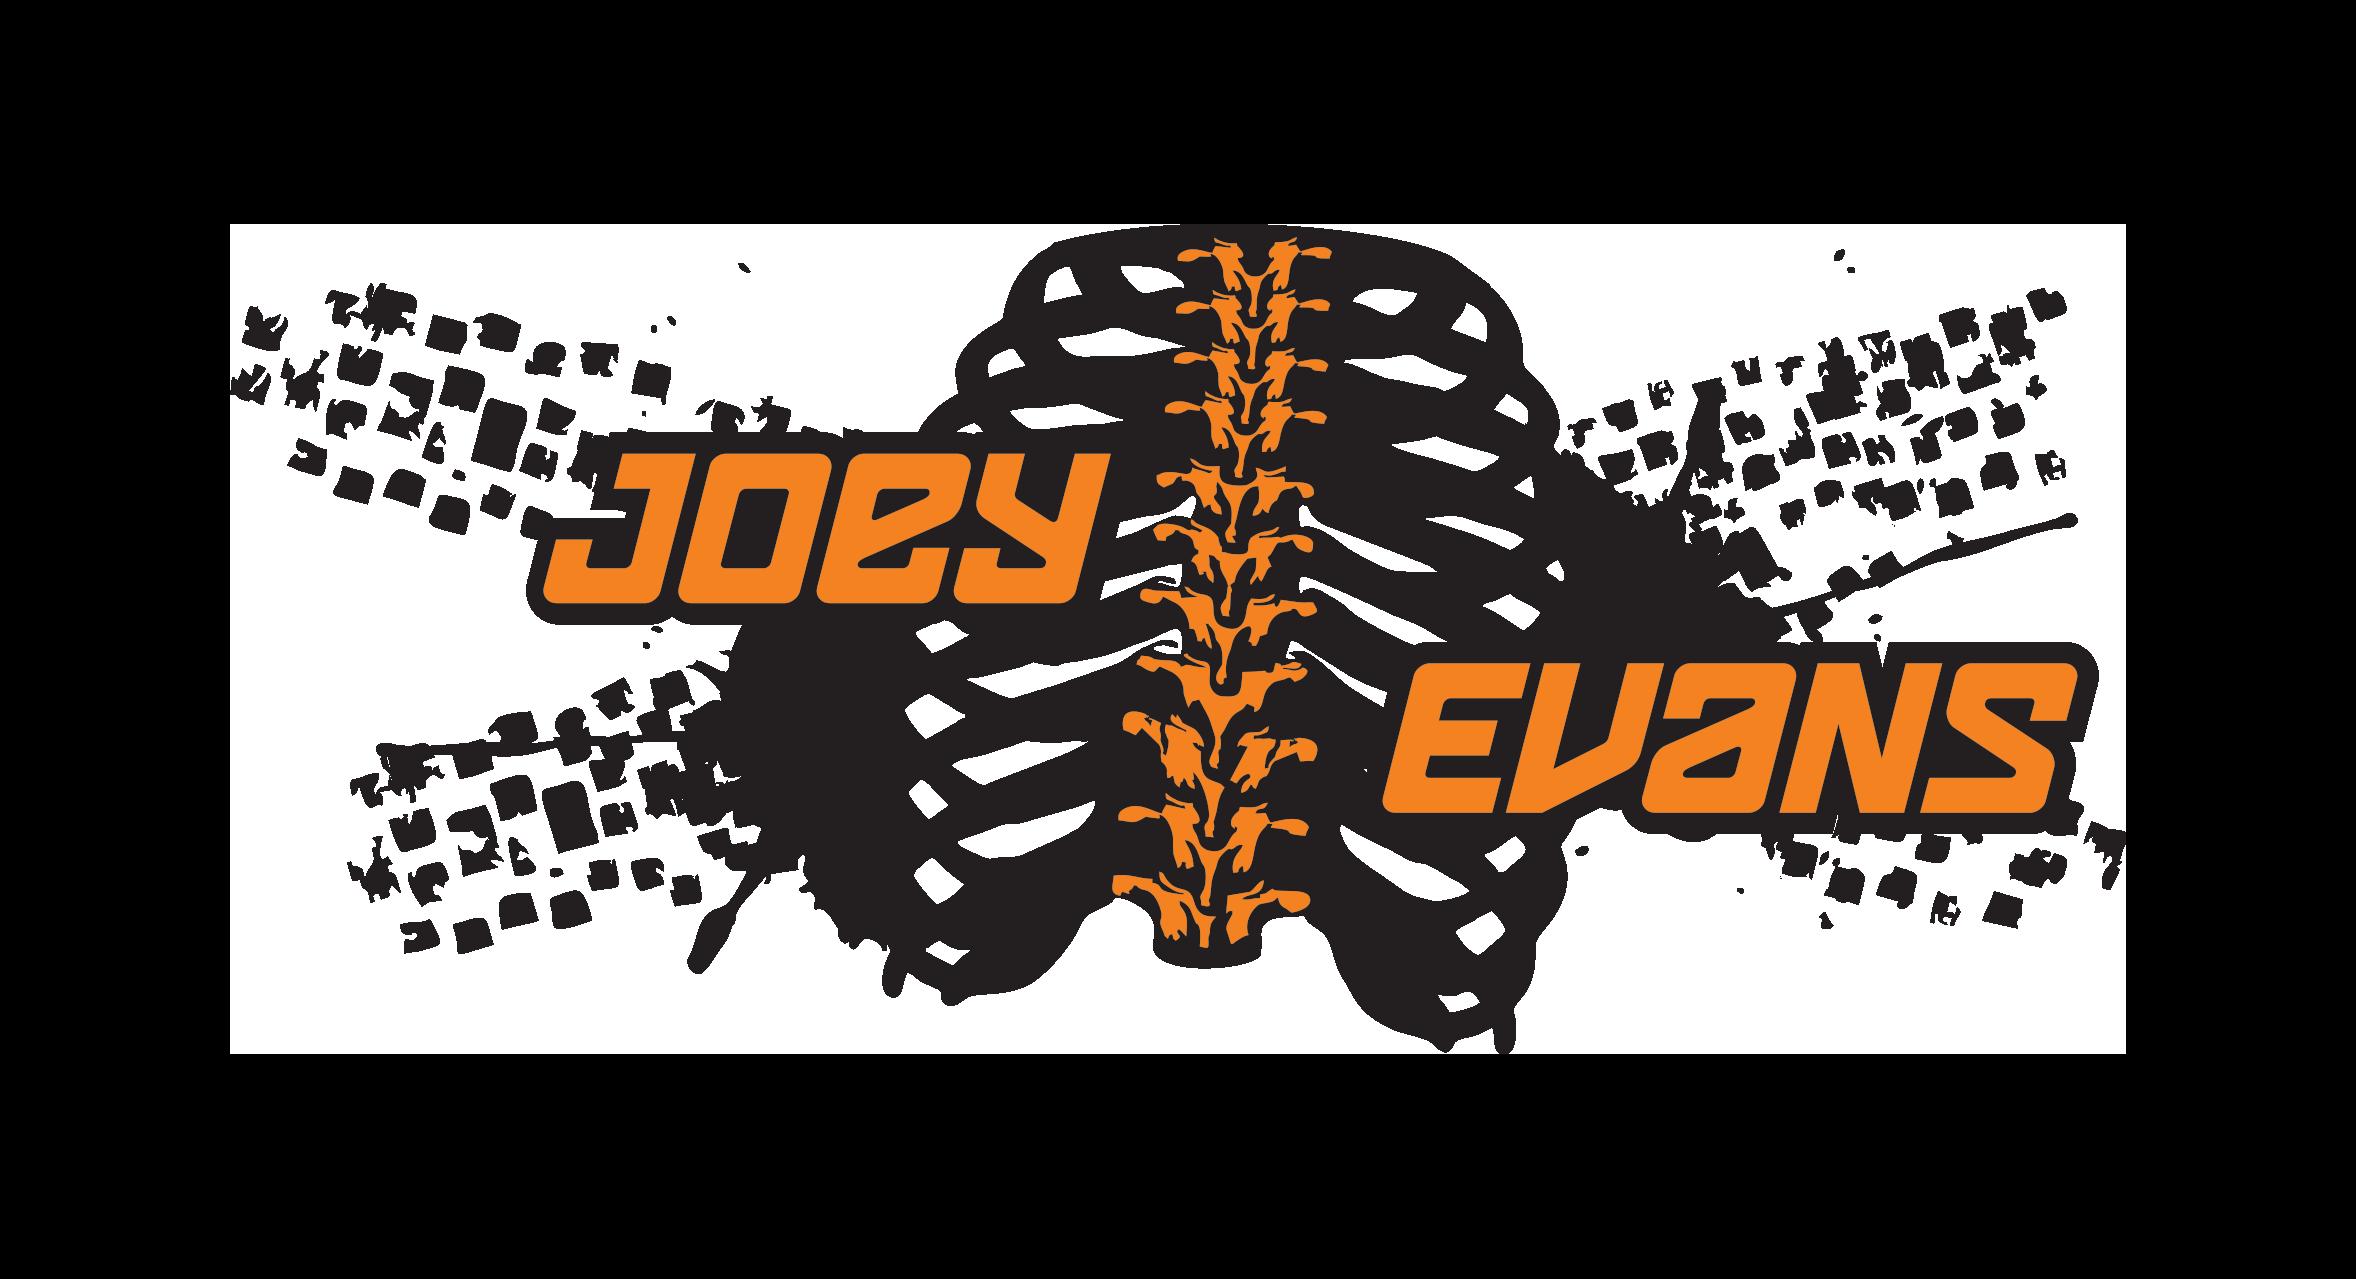 Joey Evans